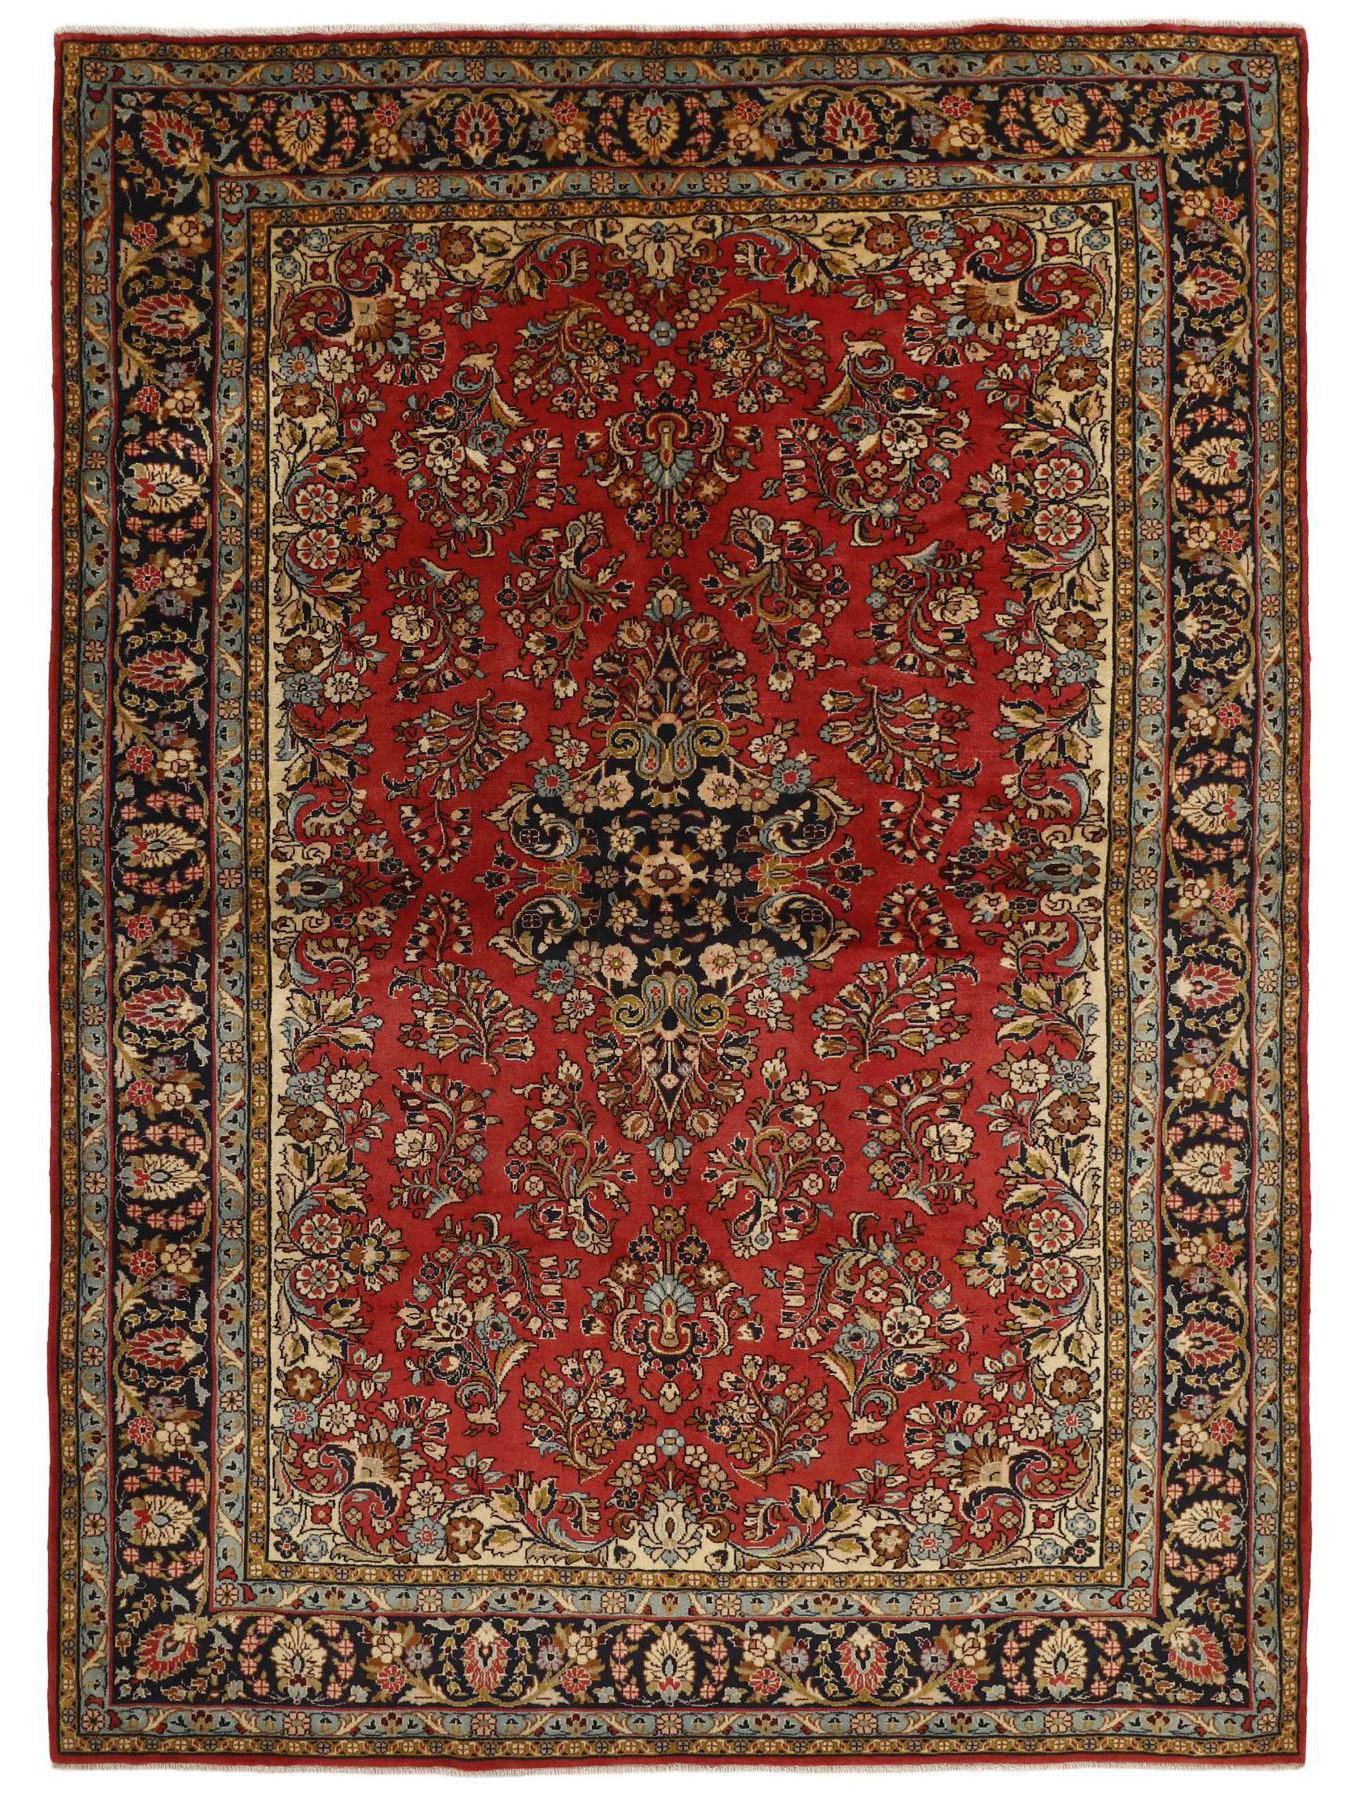 Perzische tapijten - Mehreban